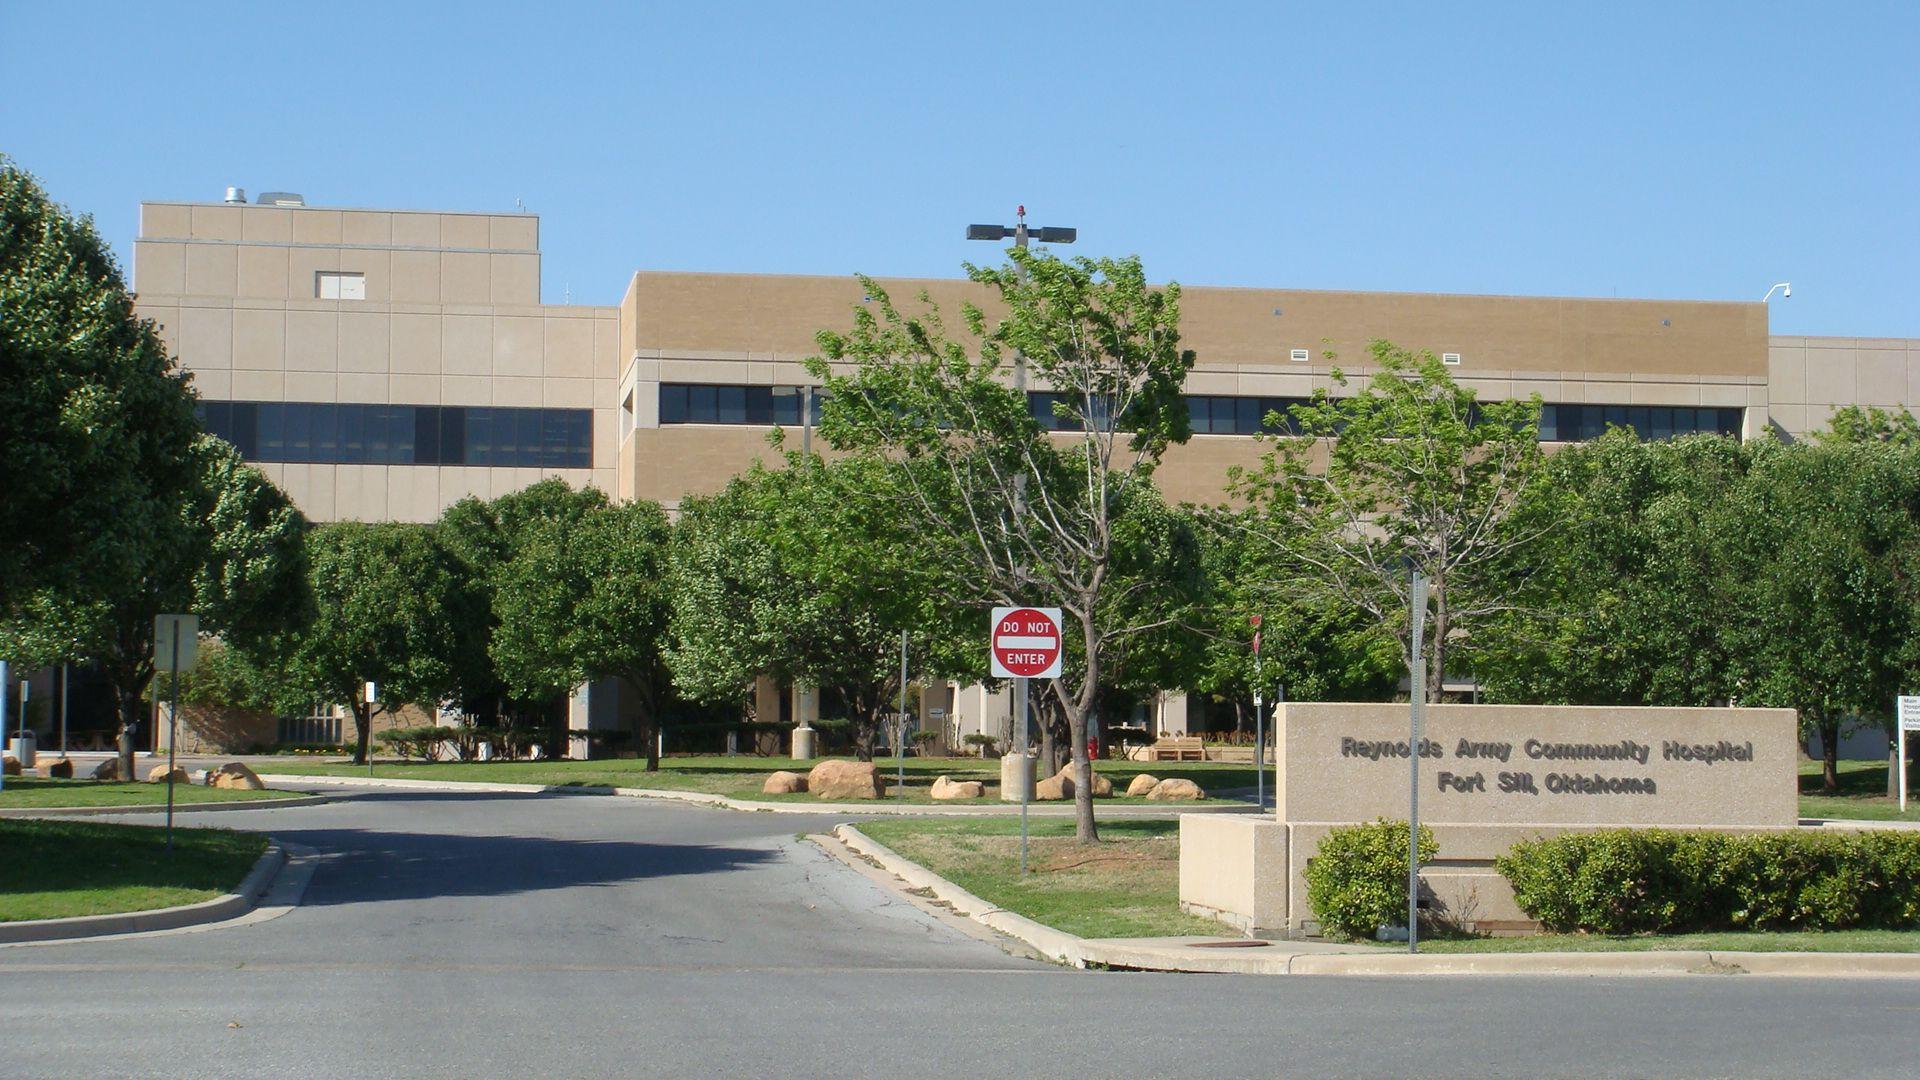 Reynolds Army Community Hospital, Fort Sill, OK (Joe Cruz